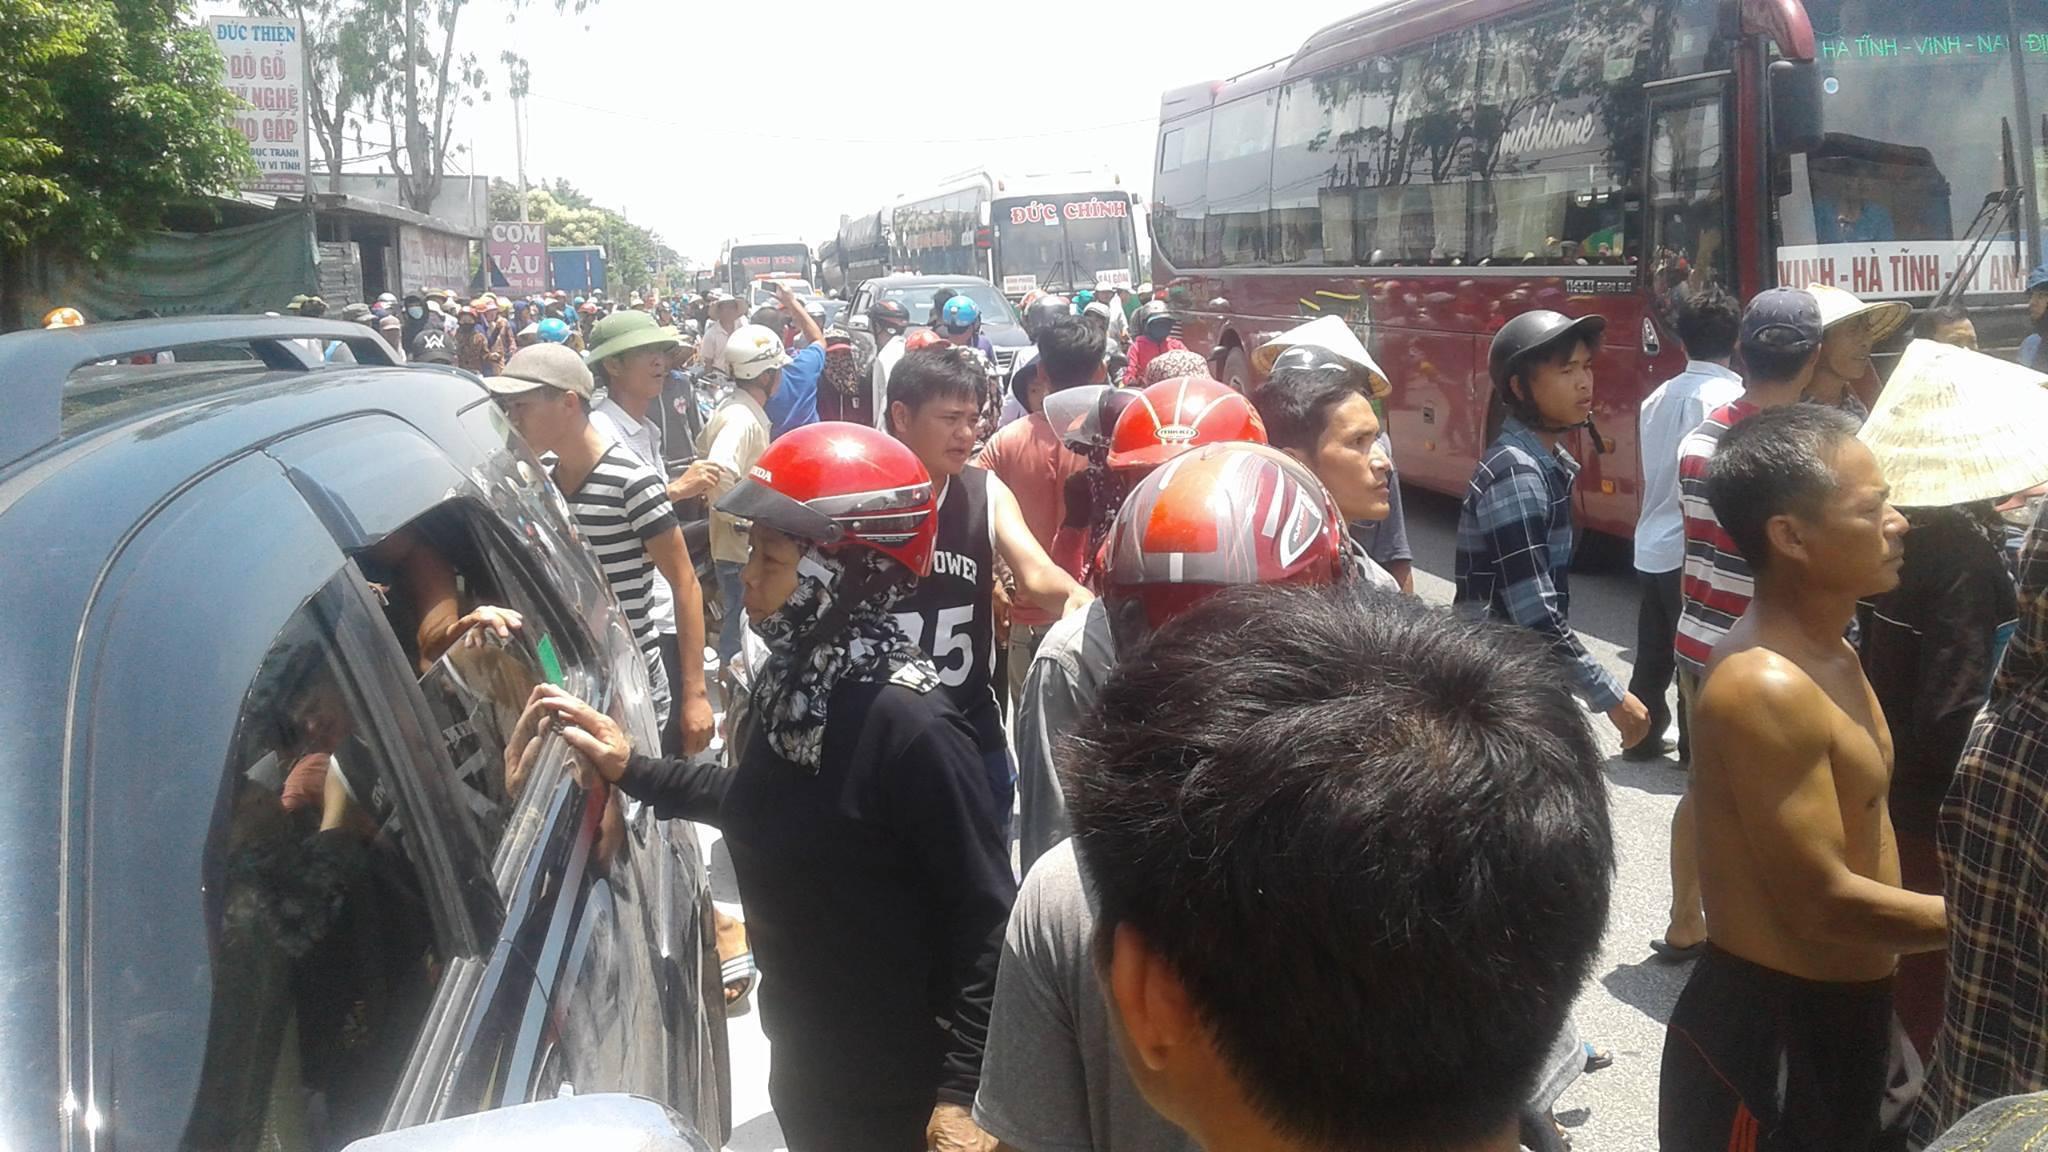 Công an bắt nhà hoạt động Hoàng Bình, hàng ngàn Giáo dân Nghệ An chặn quốc lộ 1A phản đối